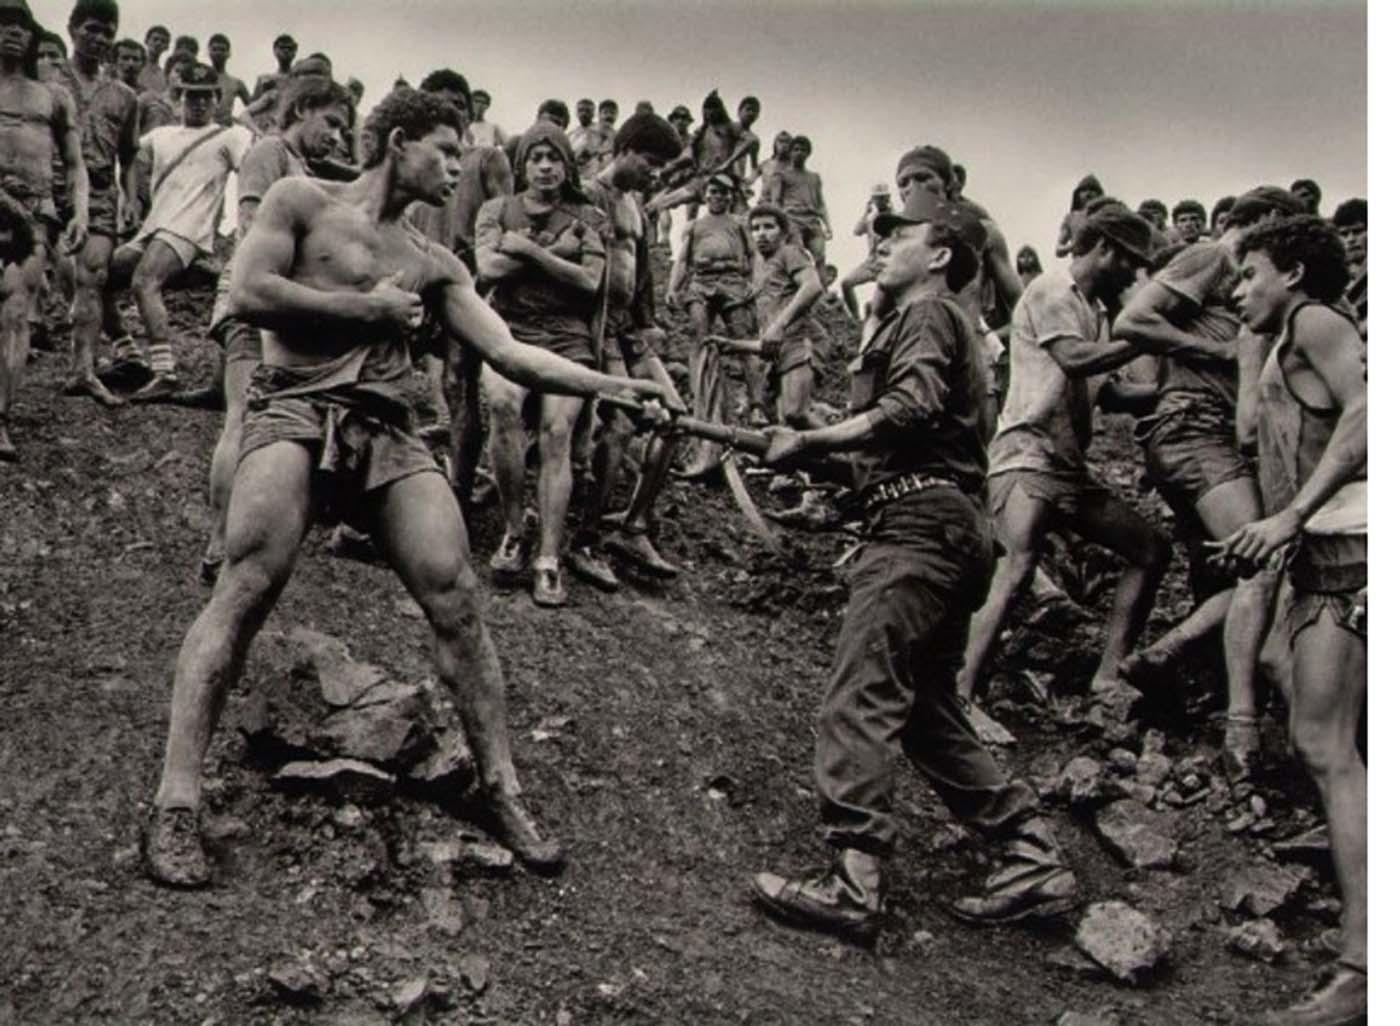 Três meses após o ouro ter sido descoberto em Serra Pelada, a força militar nacional assumiu as operações para impedir a exploração dos trabalhadores.